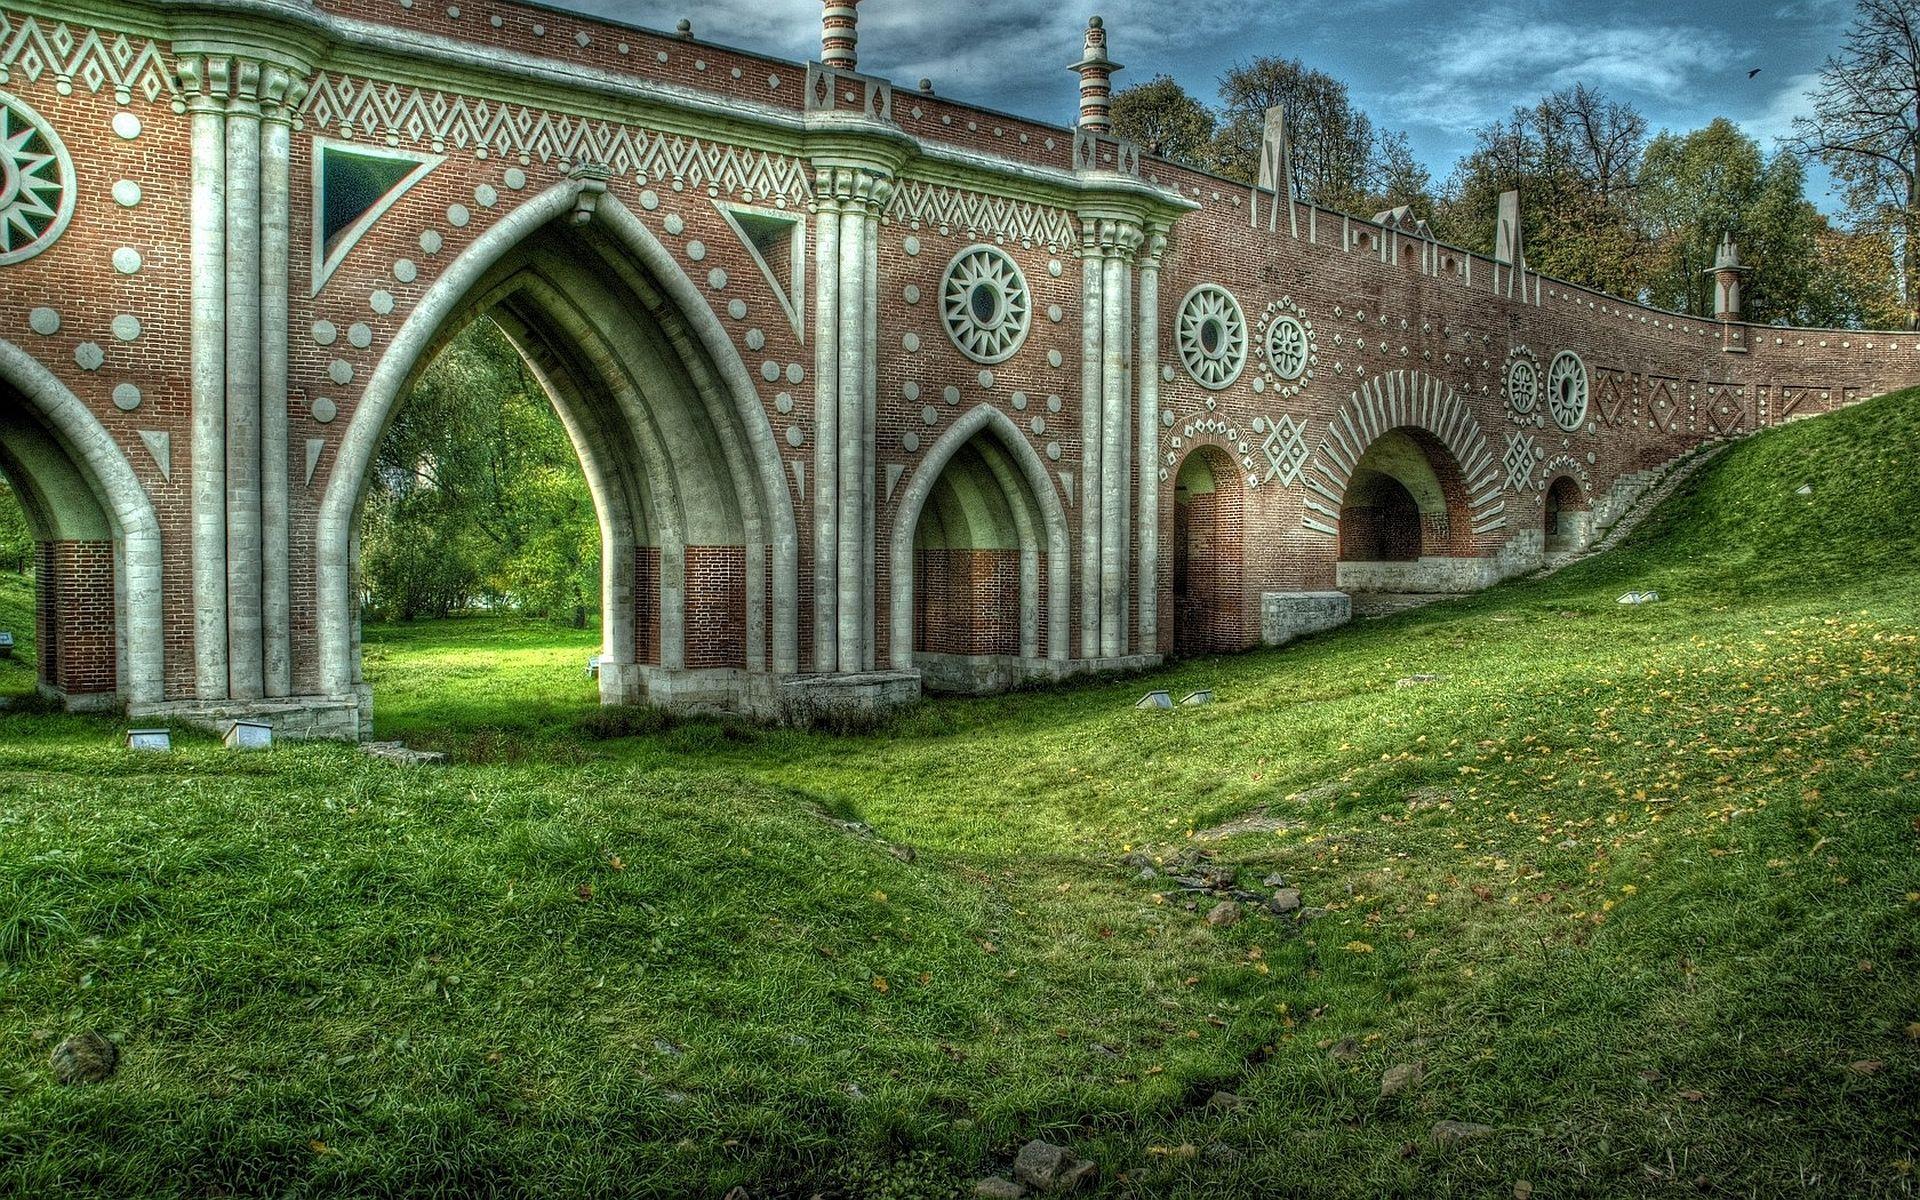 El gran puente de ladrillo rojo decorado, en el parque Tsaritsyno (Donde Catalina la Grande comenzo a construir su palacio imperial en el siglo XVIII y que nunca se terminó), Moscu, Rusia.